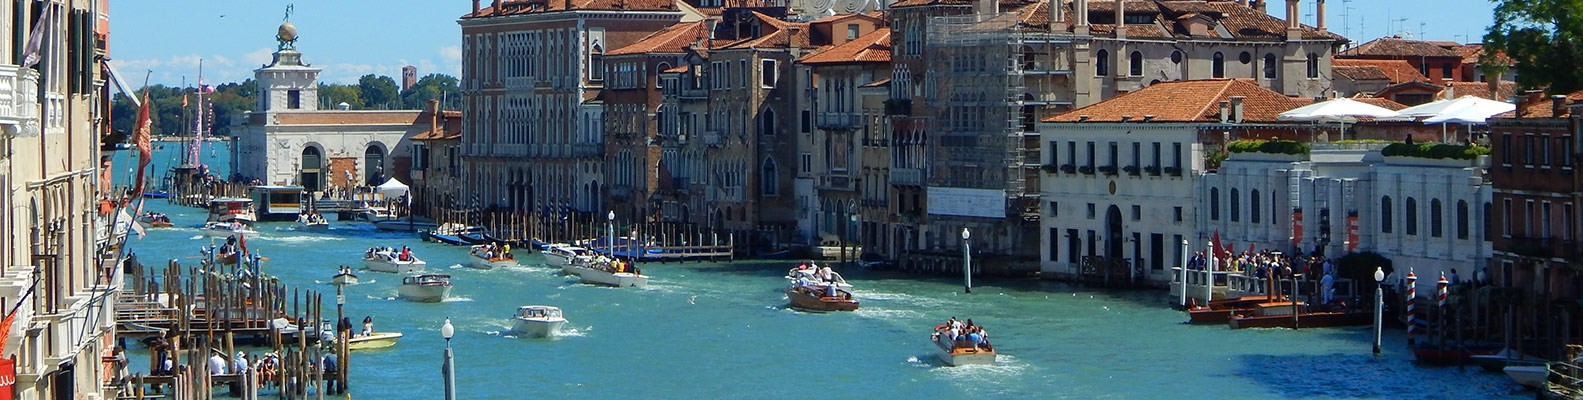 History of Venice